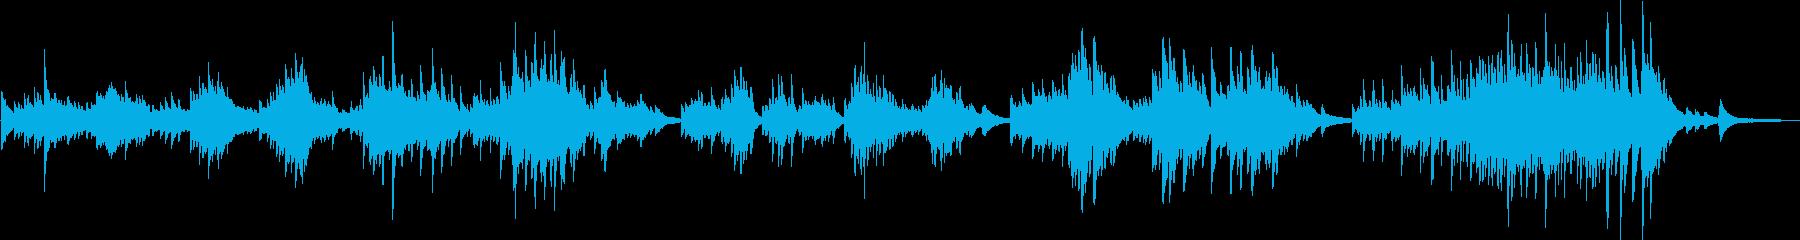 決意(ピアノソロ・リベンジ・切ない)の再生済みの波形